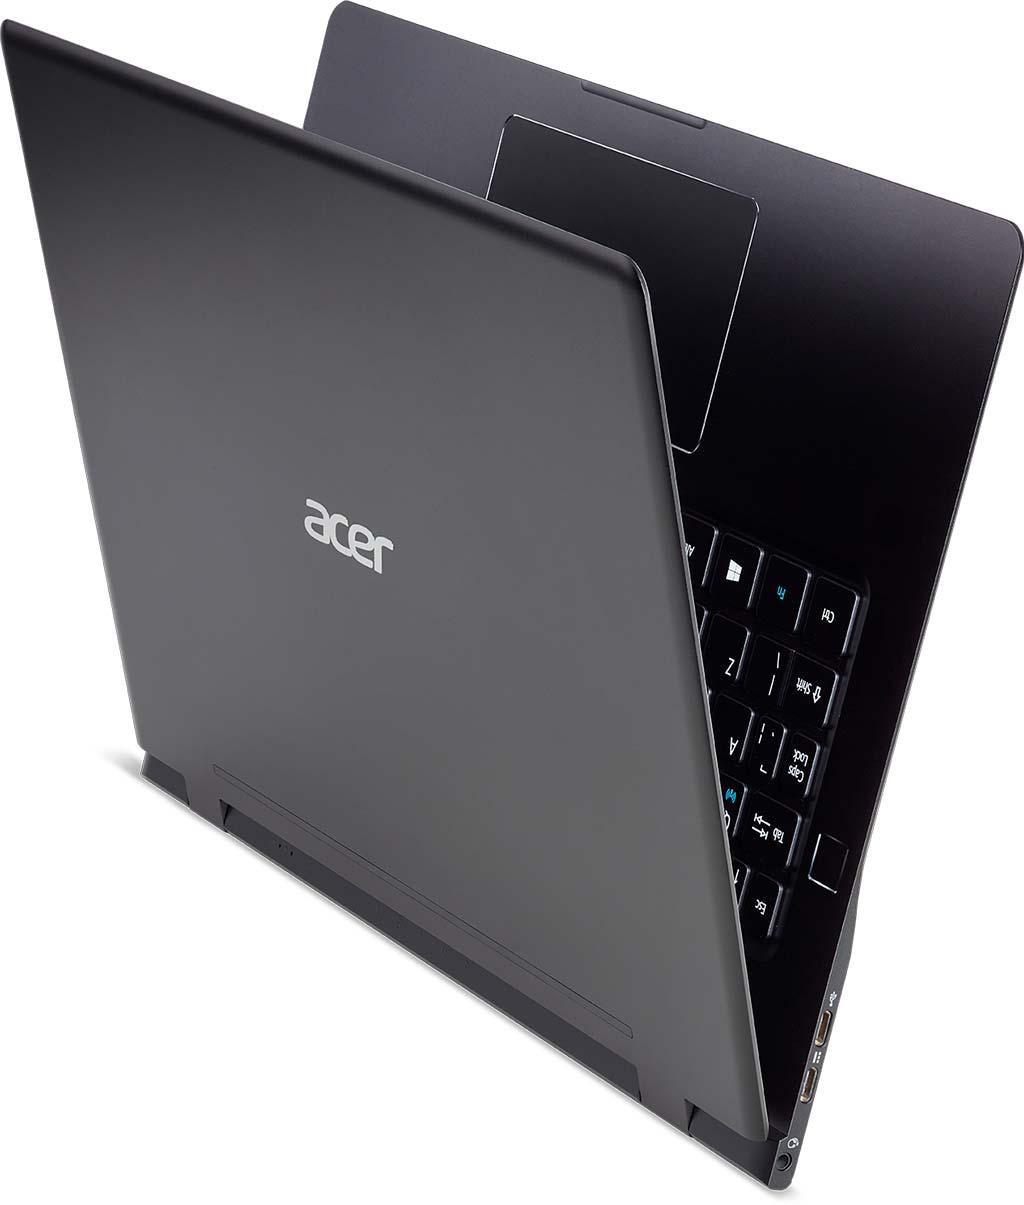 Acer Swift 7 - самый тонкий ноутбук в мире